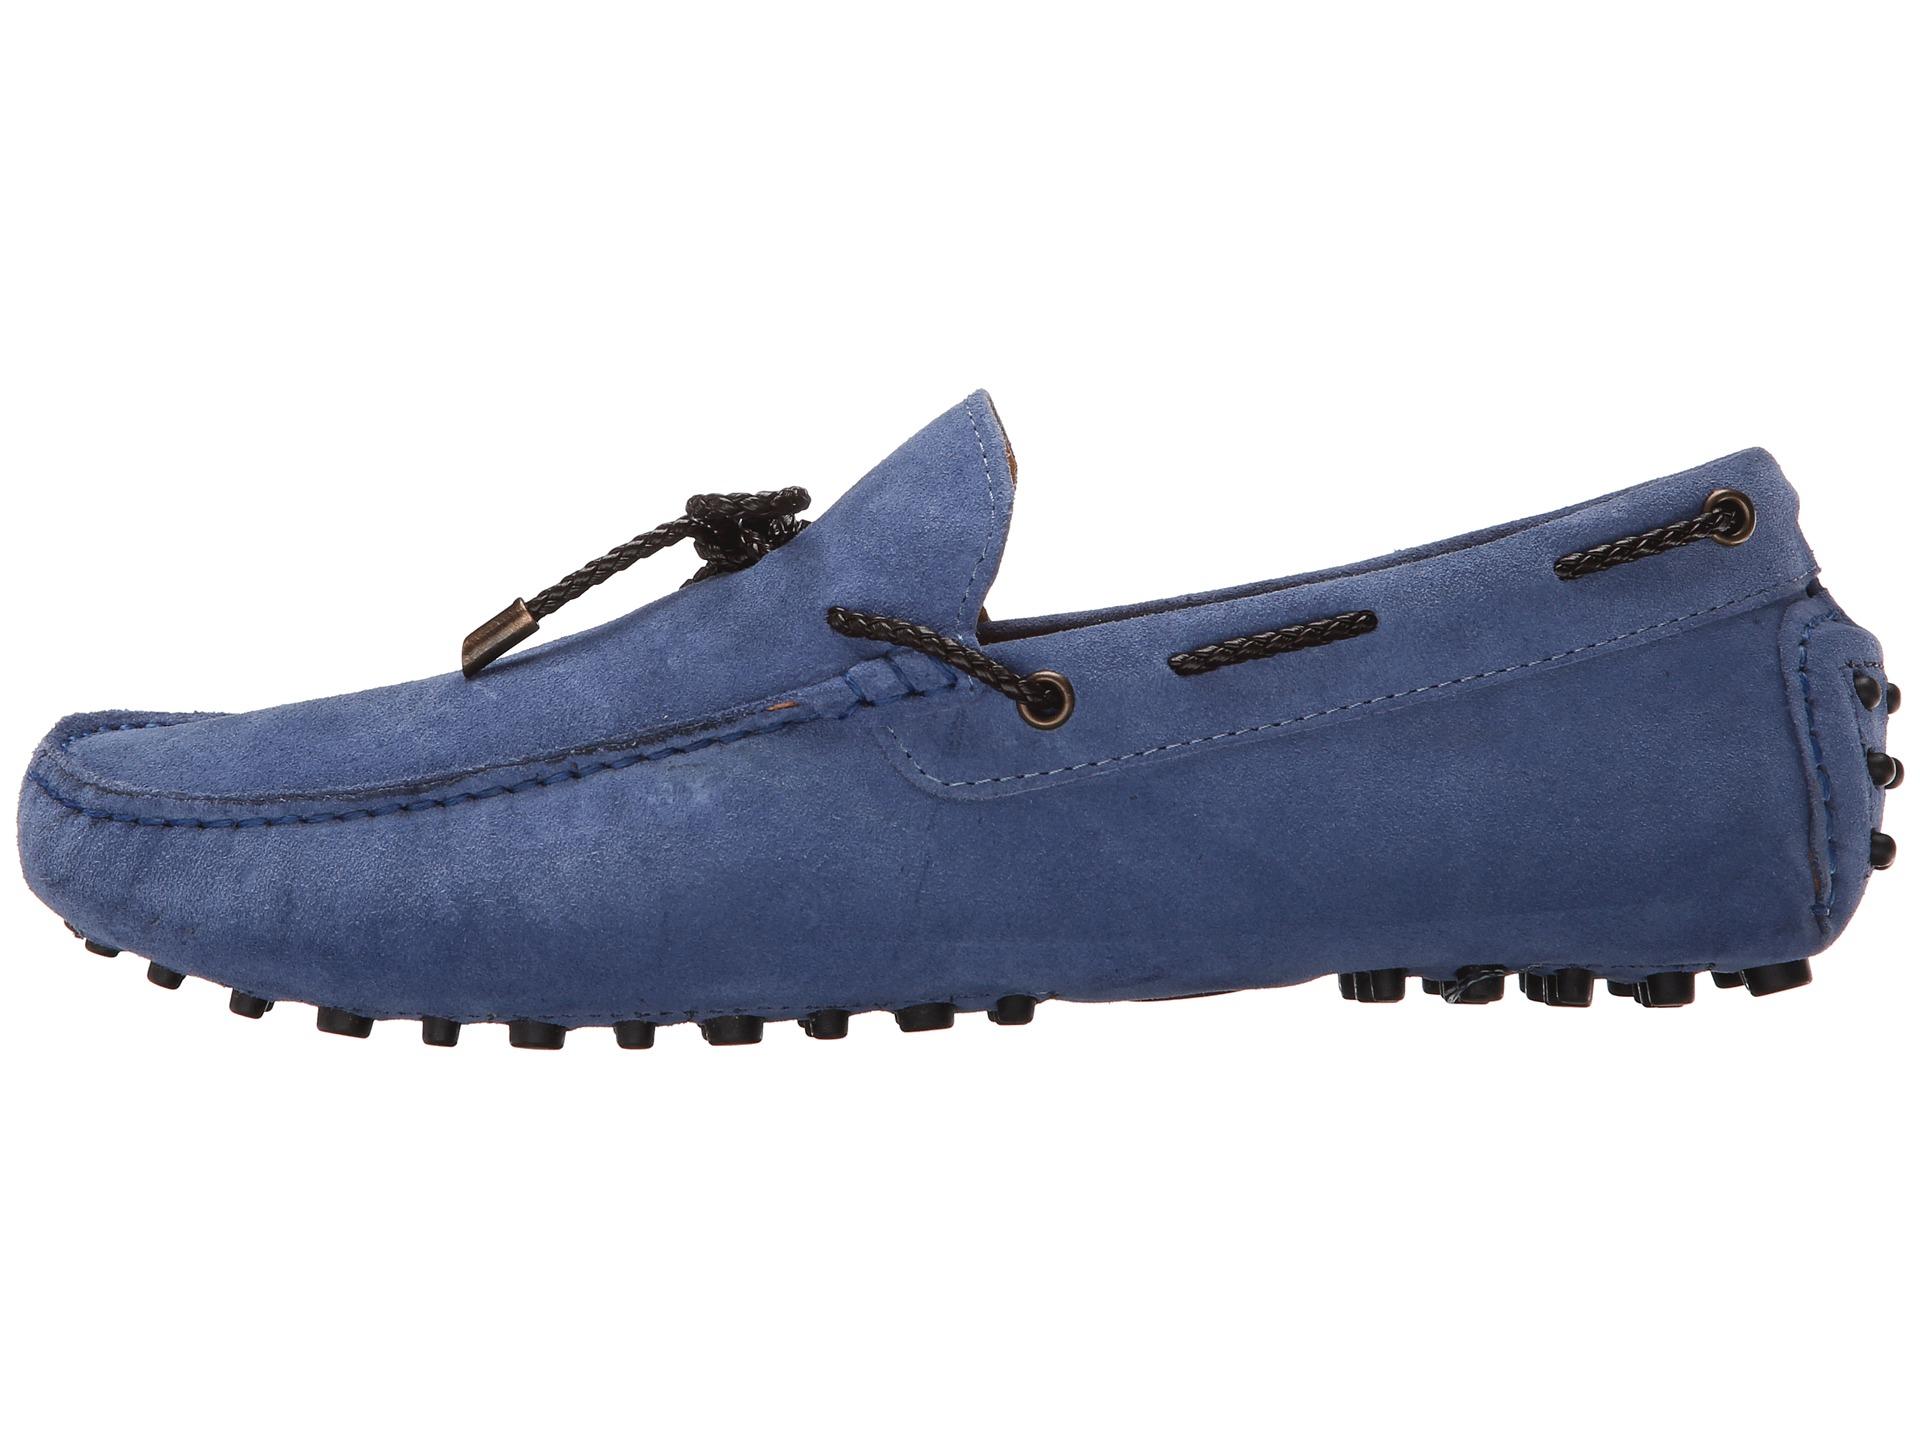 Kenneth Cole New York Si Les Ajustements De Chaussures Sortie 2018 Wiki À Vendre offres Remises Vente En Ligne HToGEiB3